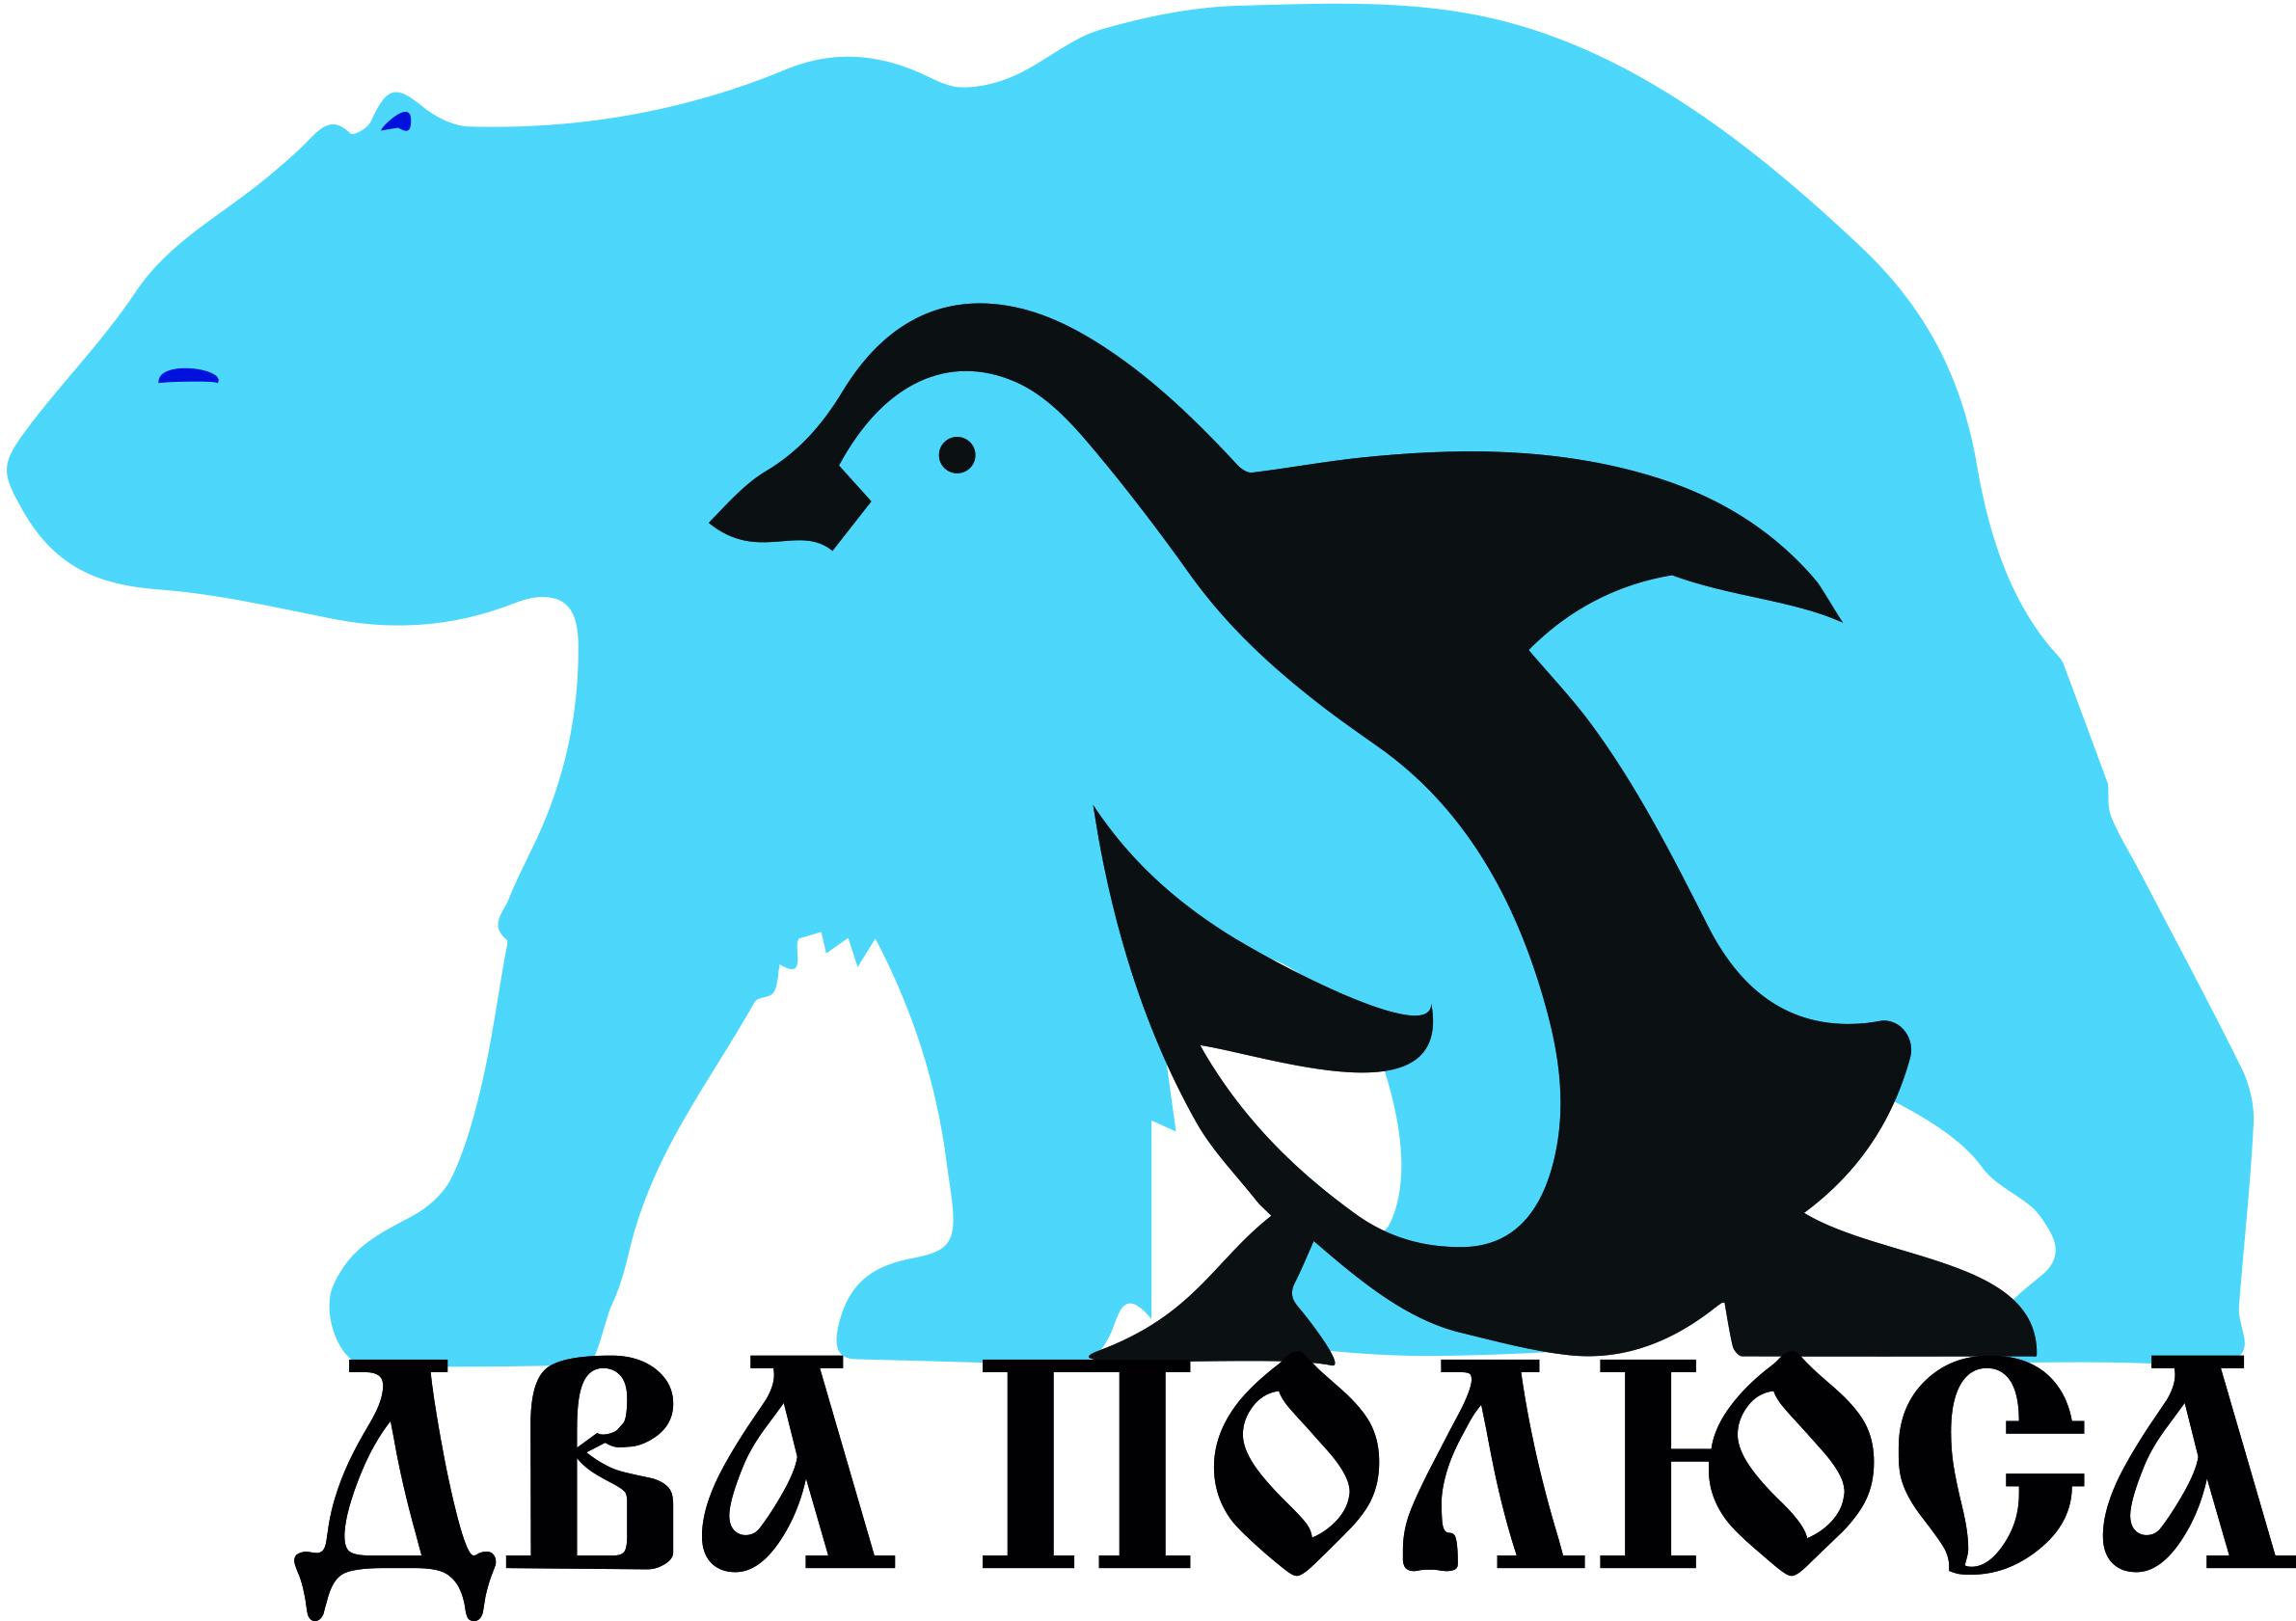 Торжественная церемония вручения Национальной премии «ДВА ПОЛЮСА» состоится в преддверии Дня полярника в мае 2021 года